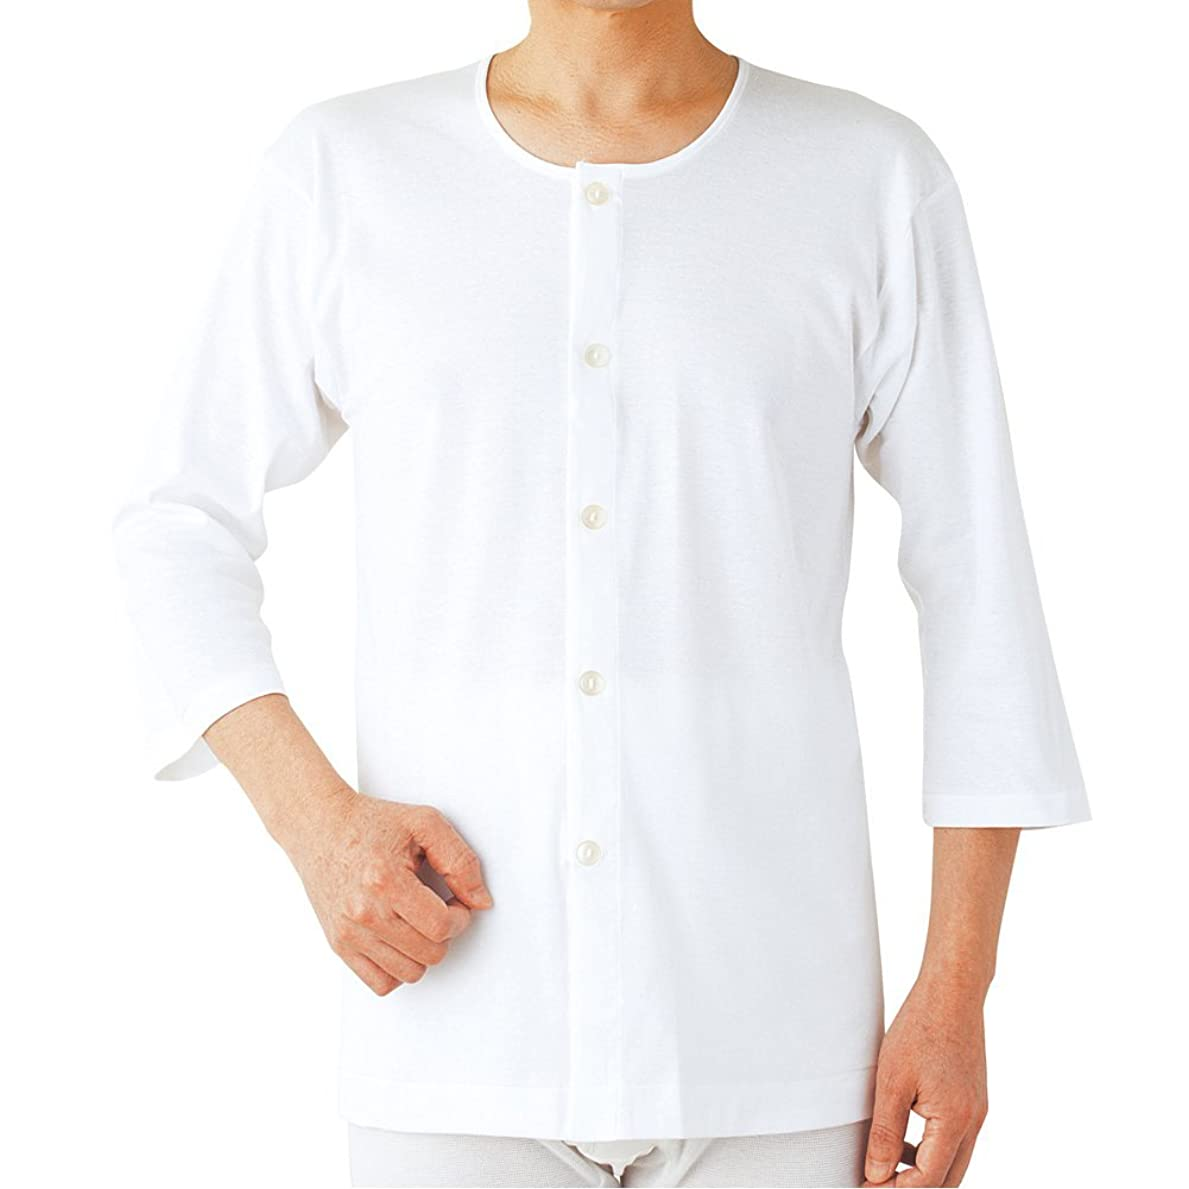 アプローチ聡明道を作るらくらく肌着2枚組(男性用)7分袖ボタン付シャツ ホワイトM